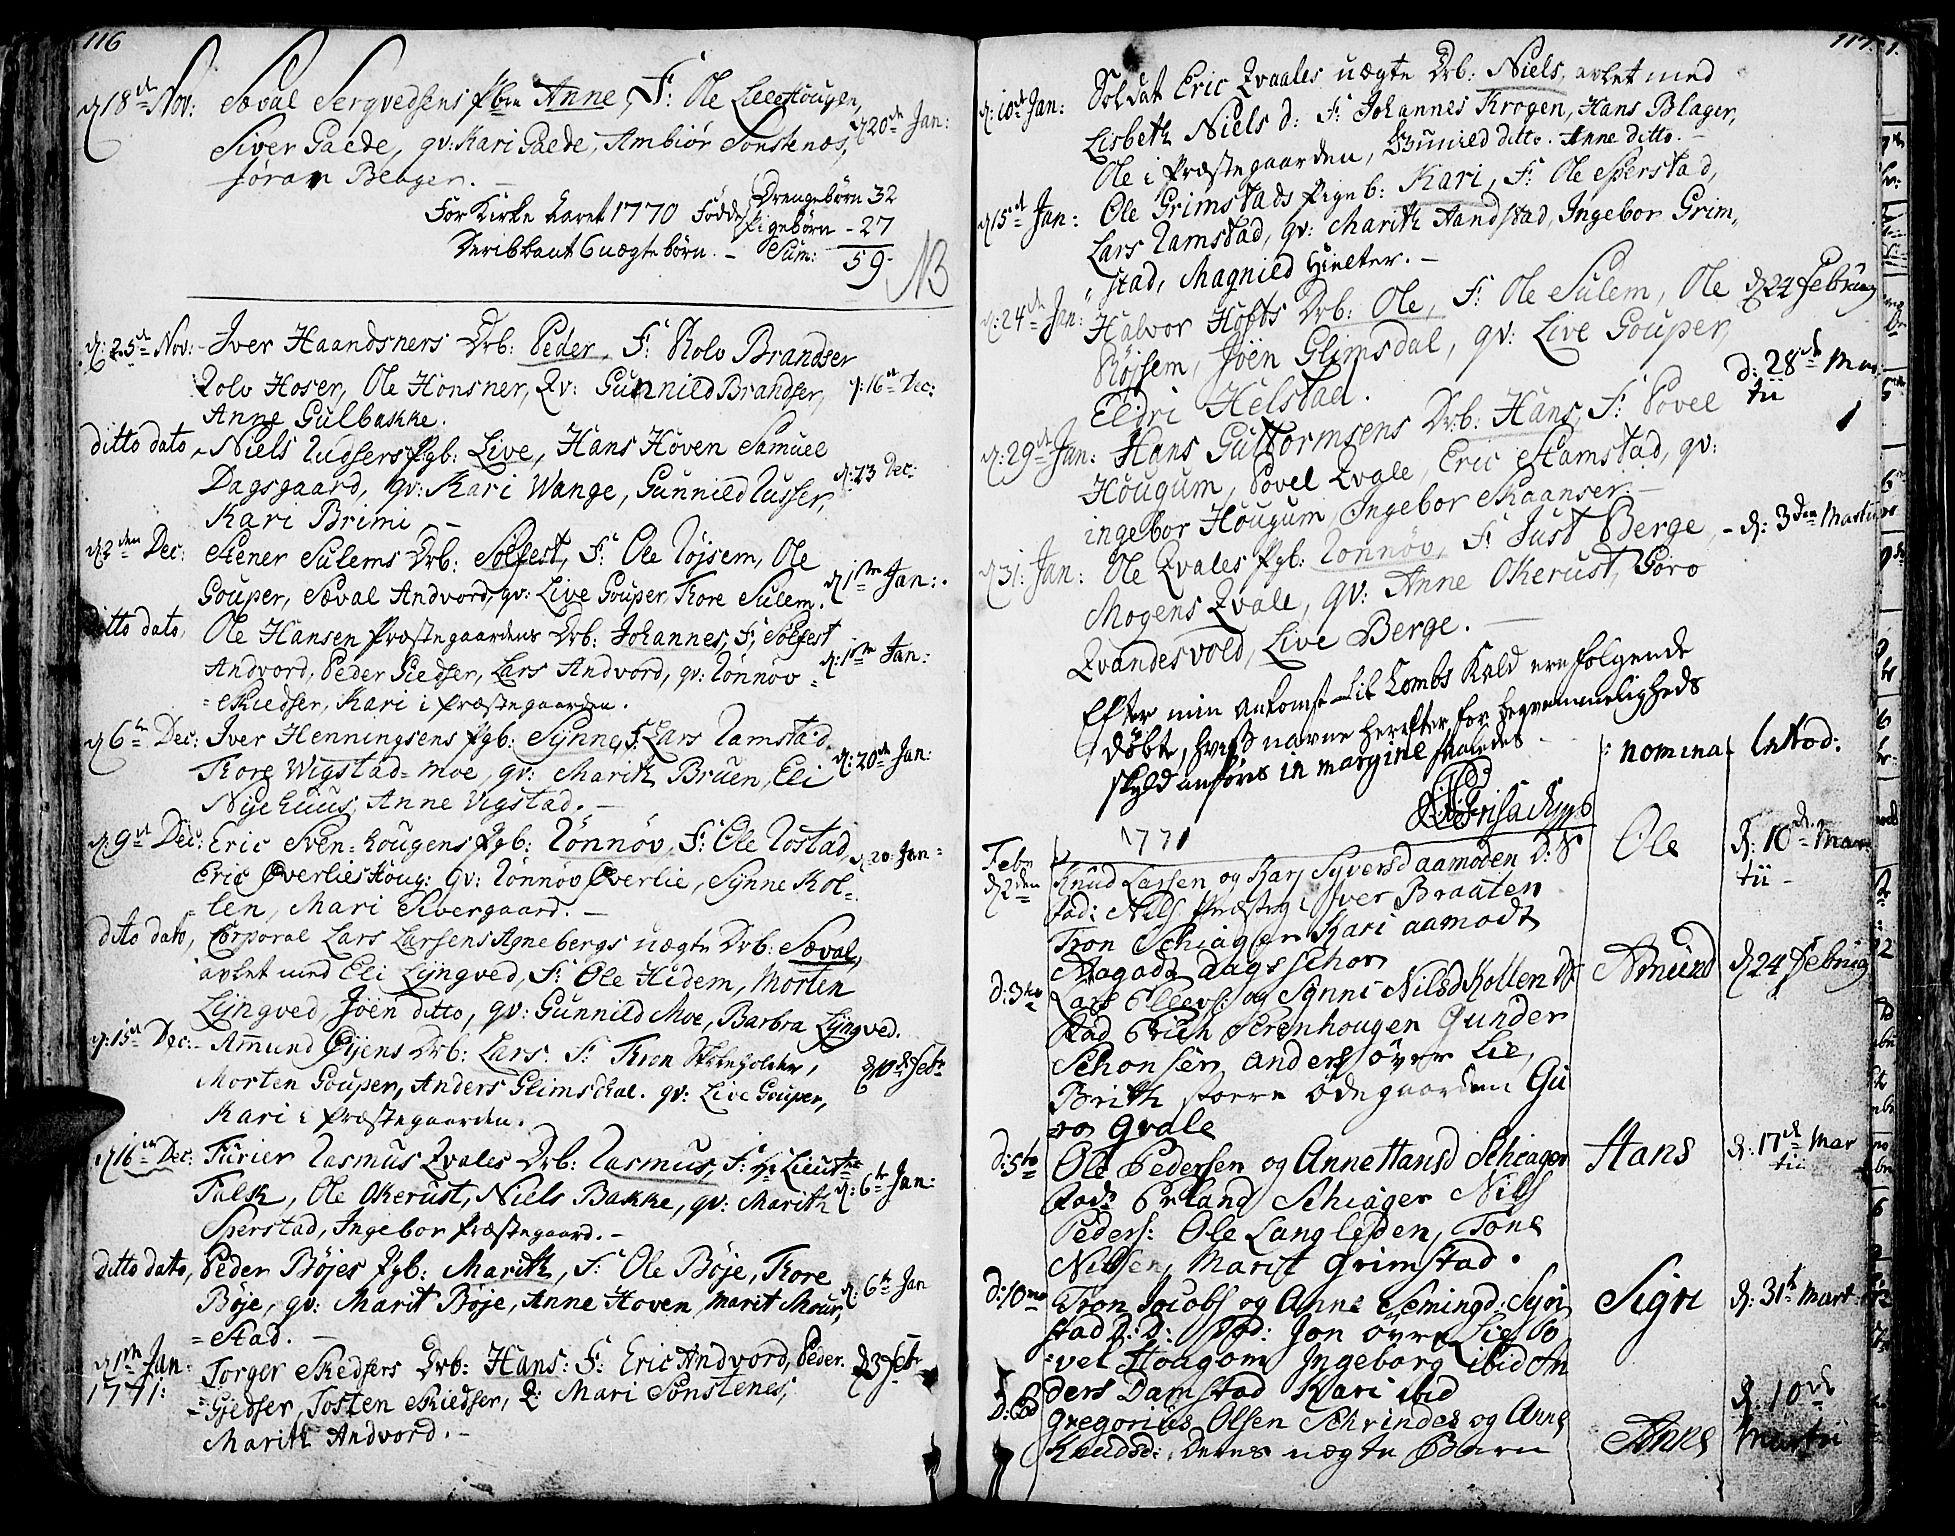 SAH, Lom prestekontor, K/L0002: Ministerialbok nr. 2, 1749-1801, s. 116-117